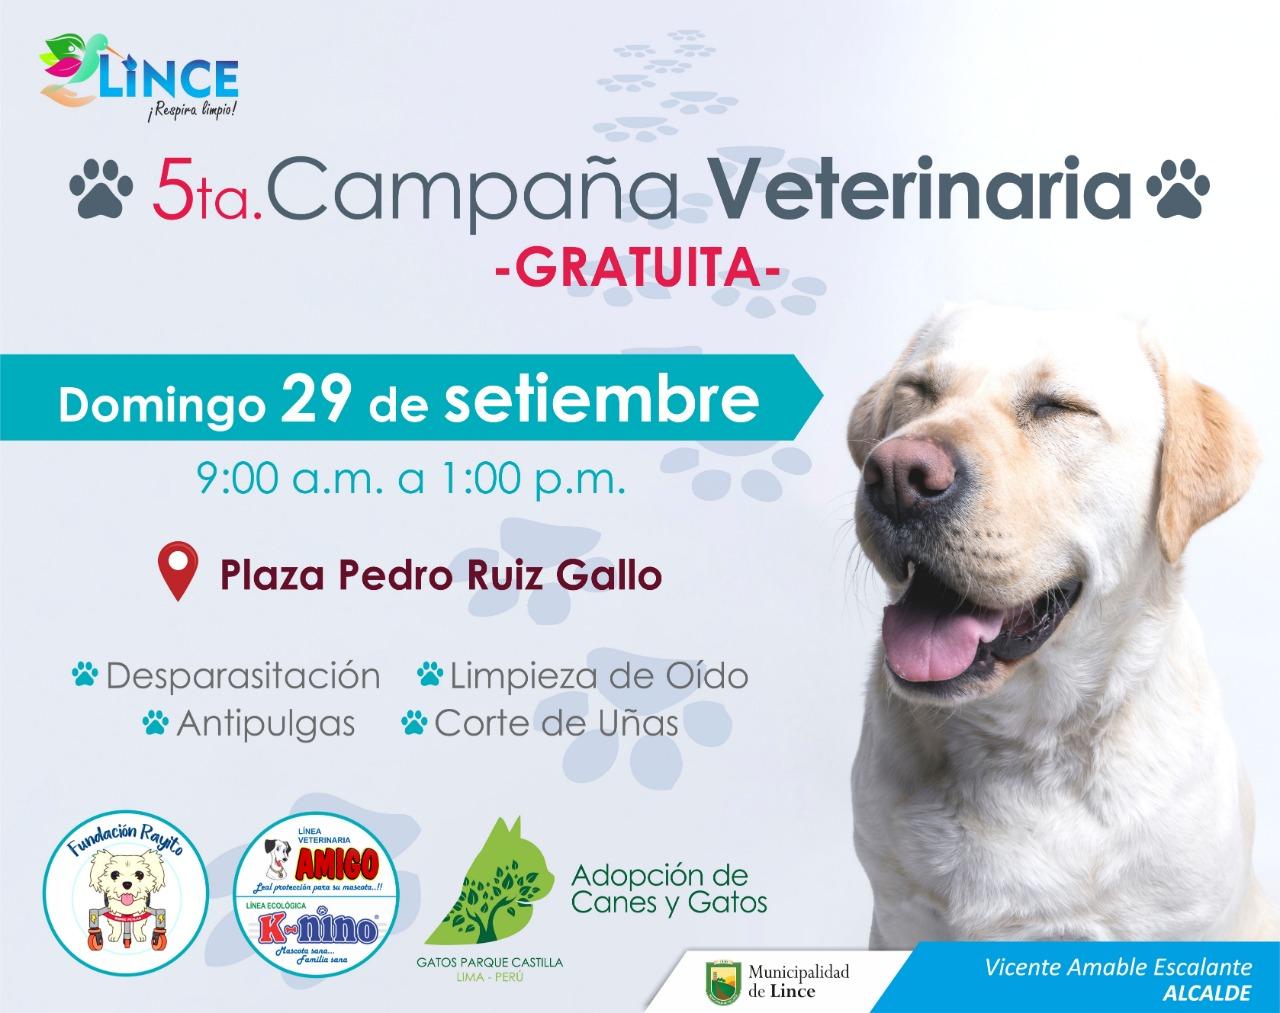 Este evento contará con la presencia de veterinarios experimentados que brindarán los servicios de desparasitación, aplicación antipulgas, corte de uñas, limpieza de oídos.  (Foto: Municipalidad de Lince)